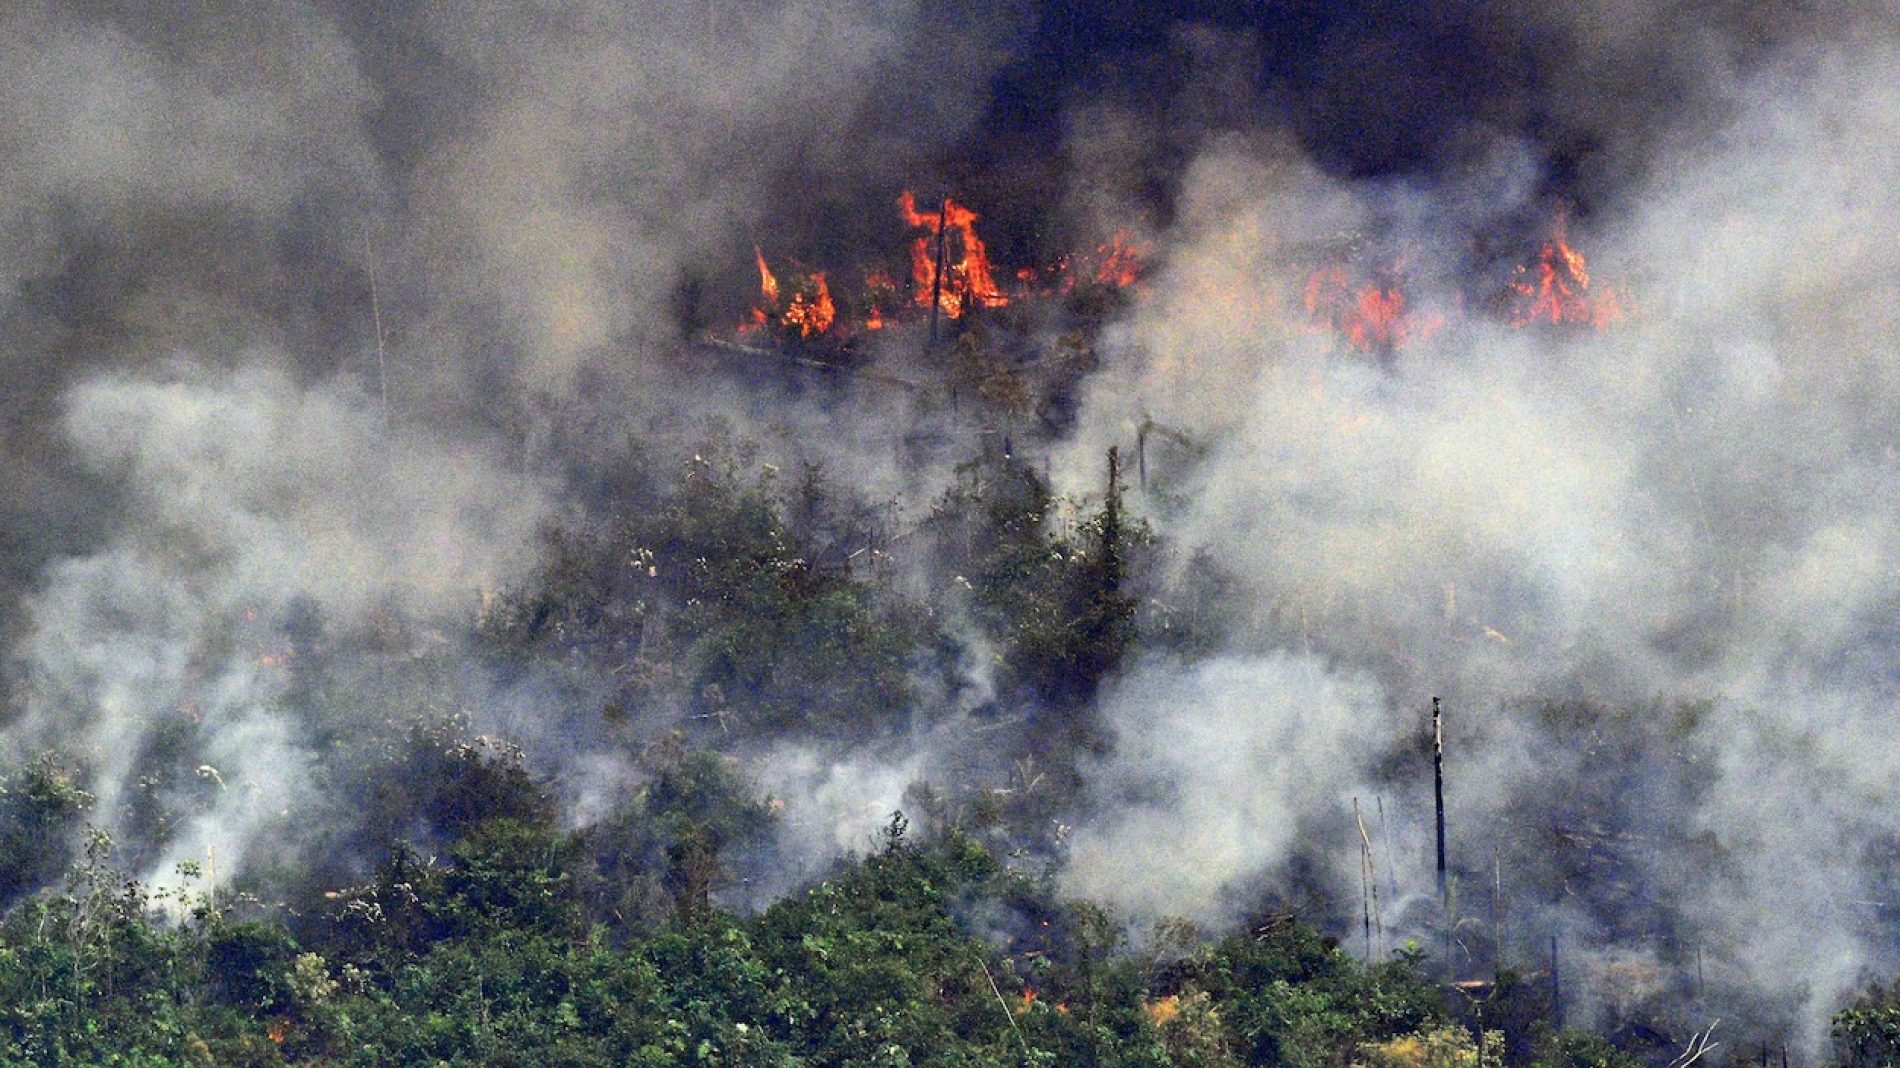 Incendies en Amazonie : Voici ce que vous devez savoir des conséquences climatiques!